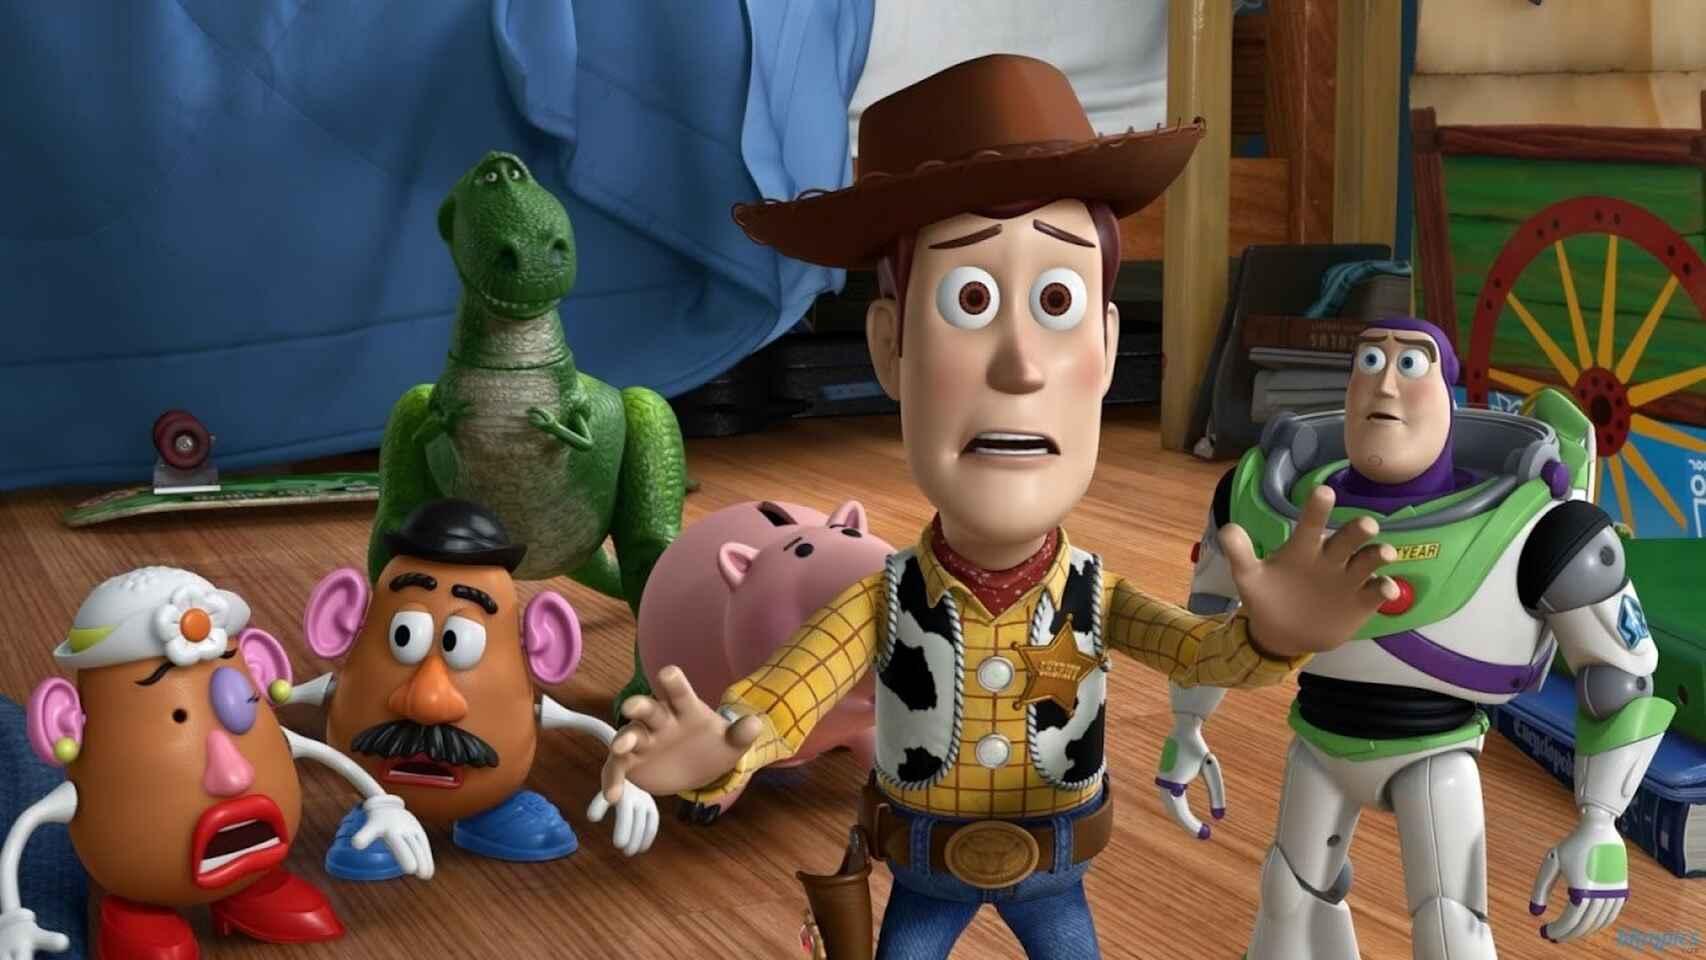 Conoce la historia de como Pixar recuperó 'Toy Story 2' después de borrar toda la película por error